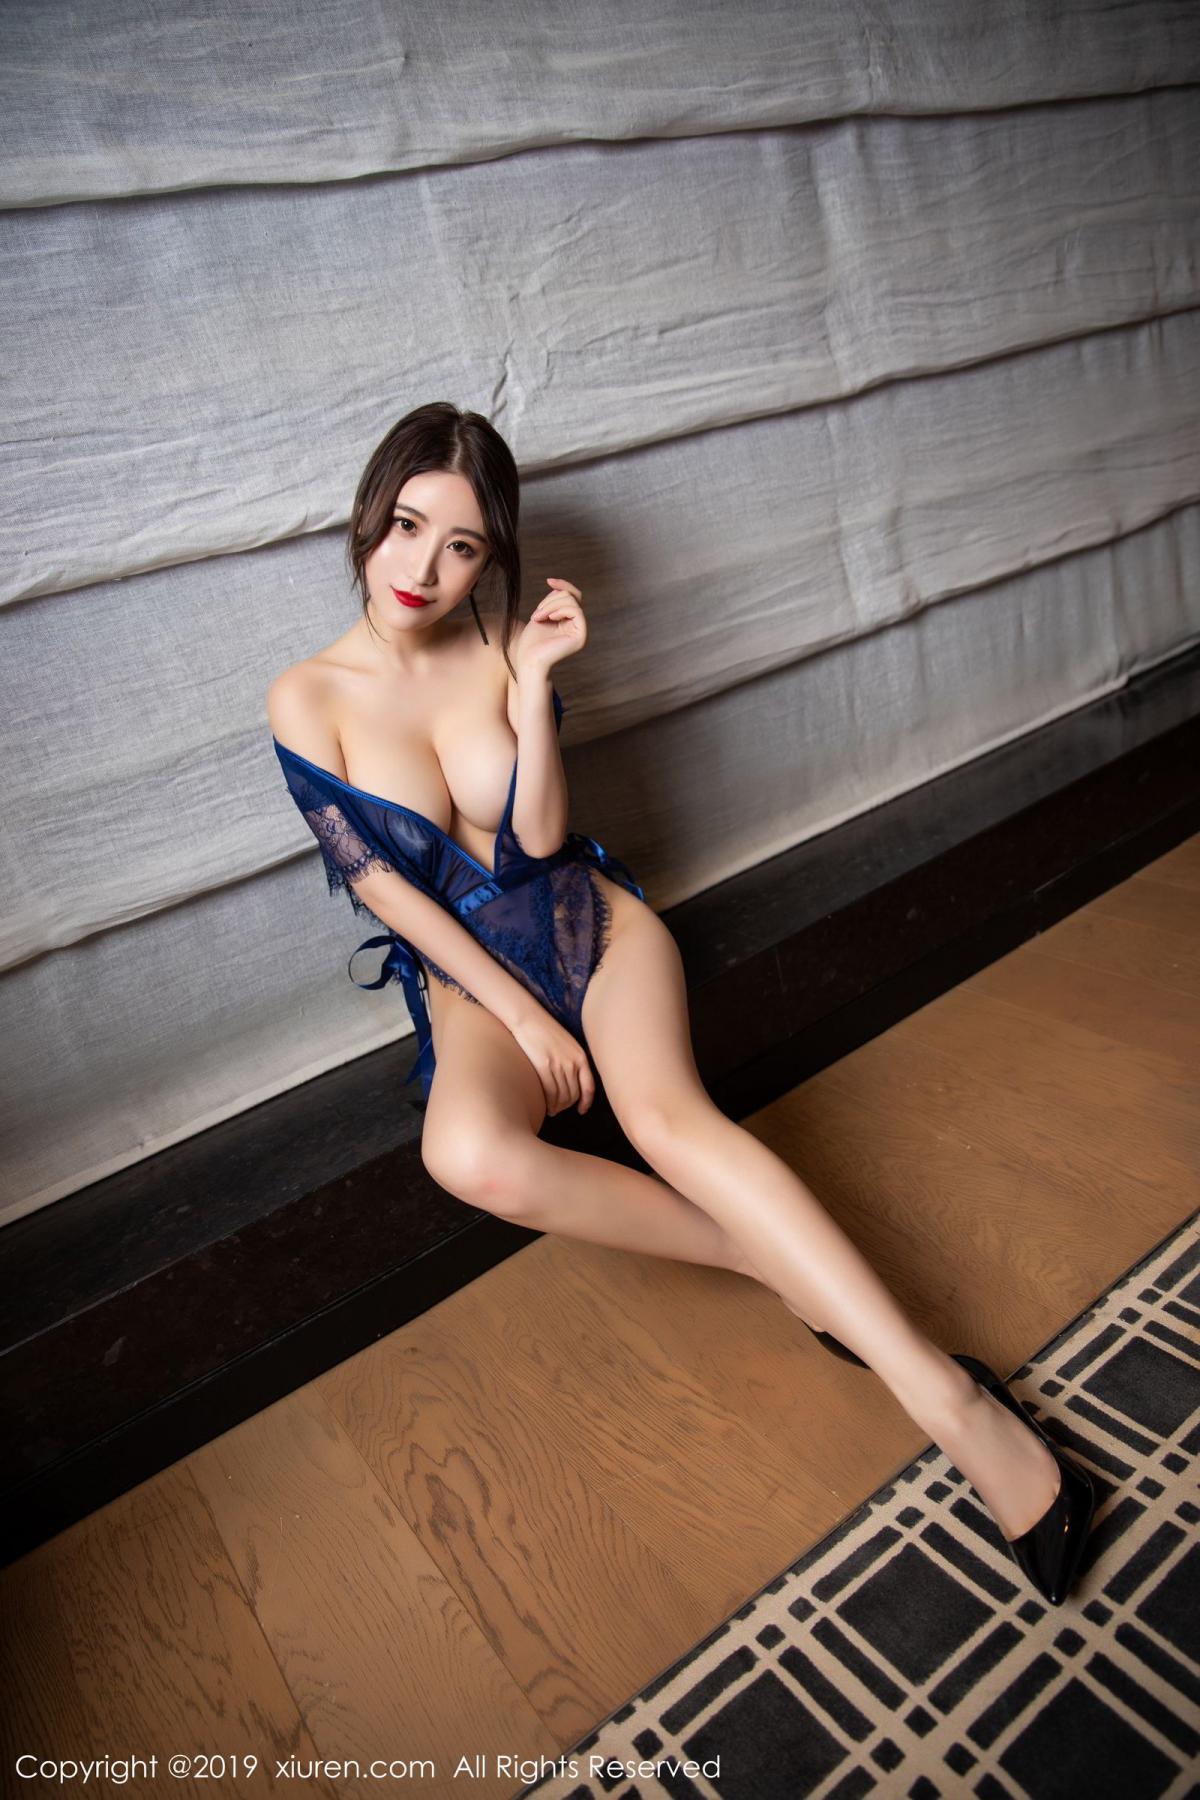 [XiuRen] Vol.1589 Xie Zhi Xin 48P, Sexy, Underwear, Xie Zhi Xin, Xiuren